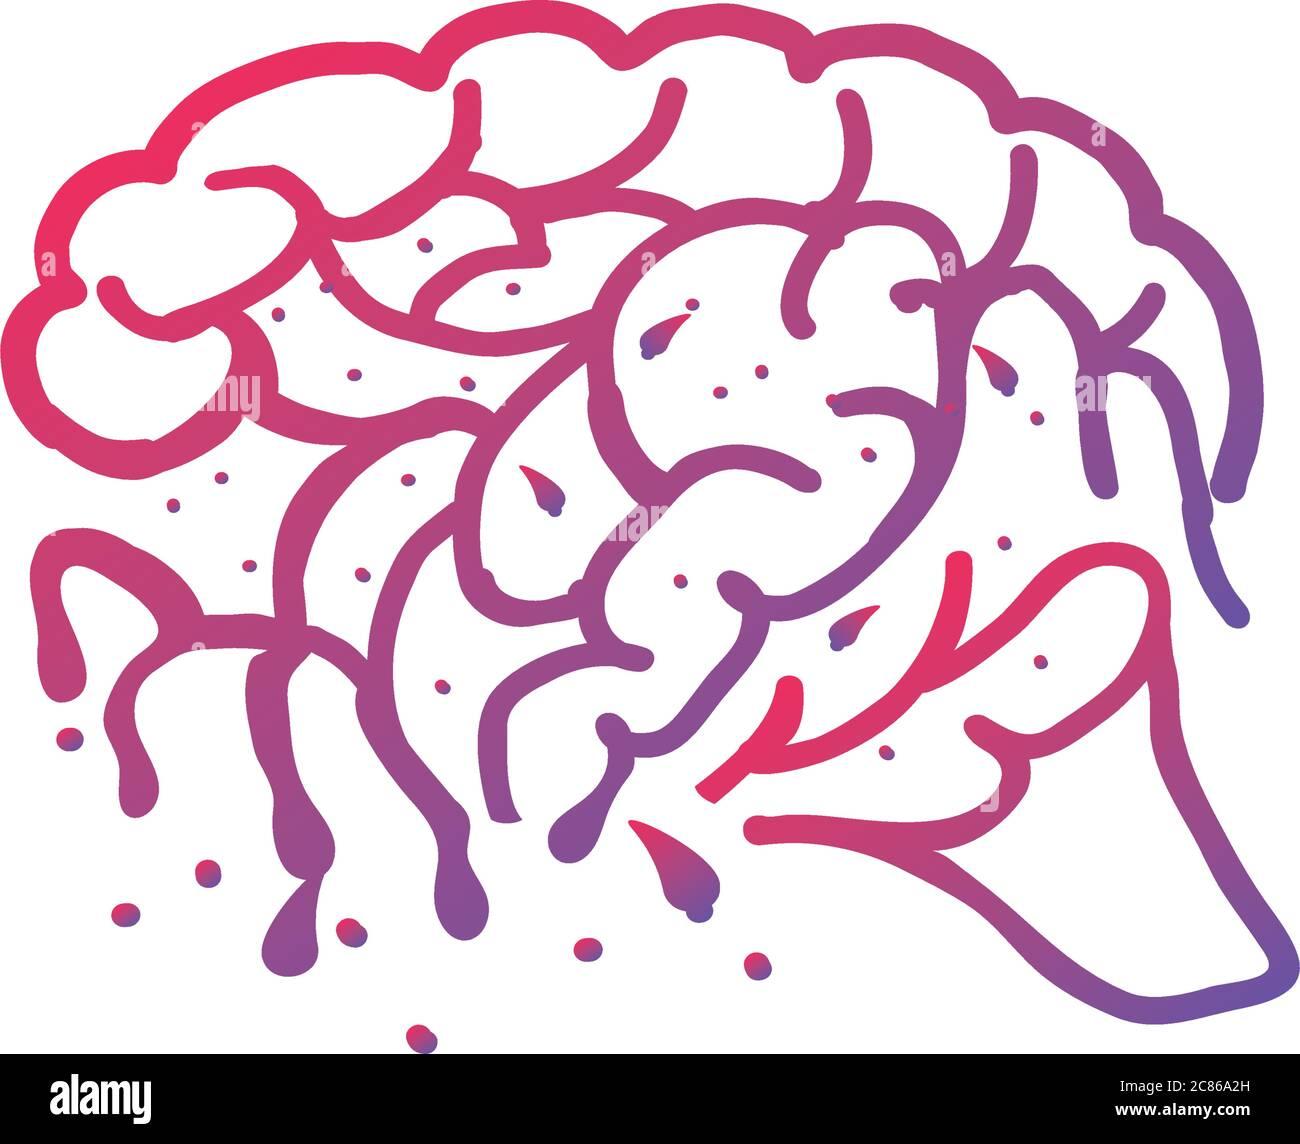 pensamiento cerebral y diseño sobre fondo blanco vector ilustración diseño Ilustración del Vector